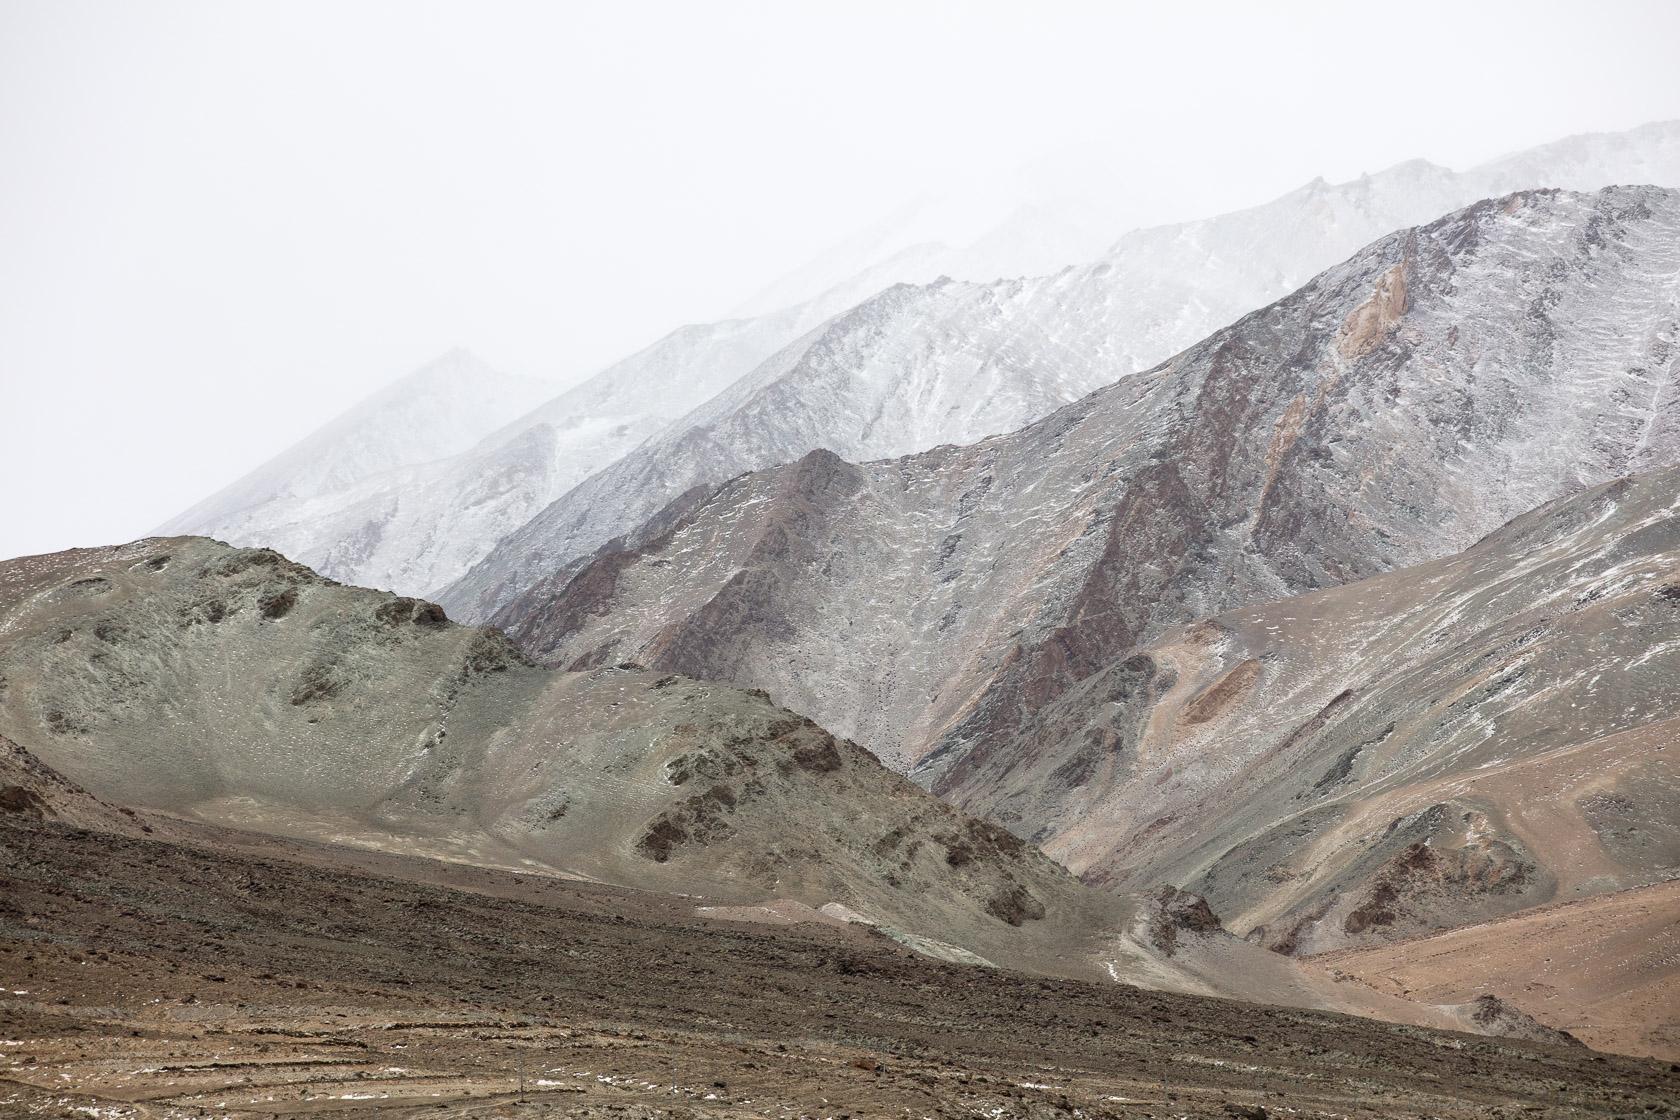 paysage de montagnes dans le Chang Tang, au Ladakh, en Inde